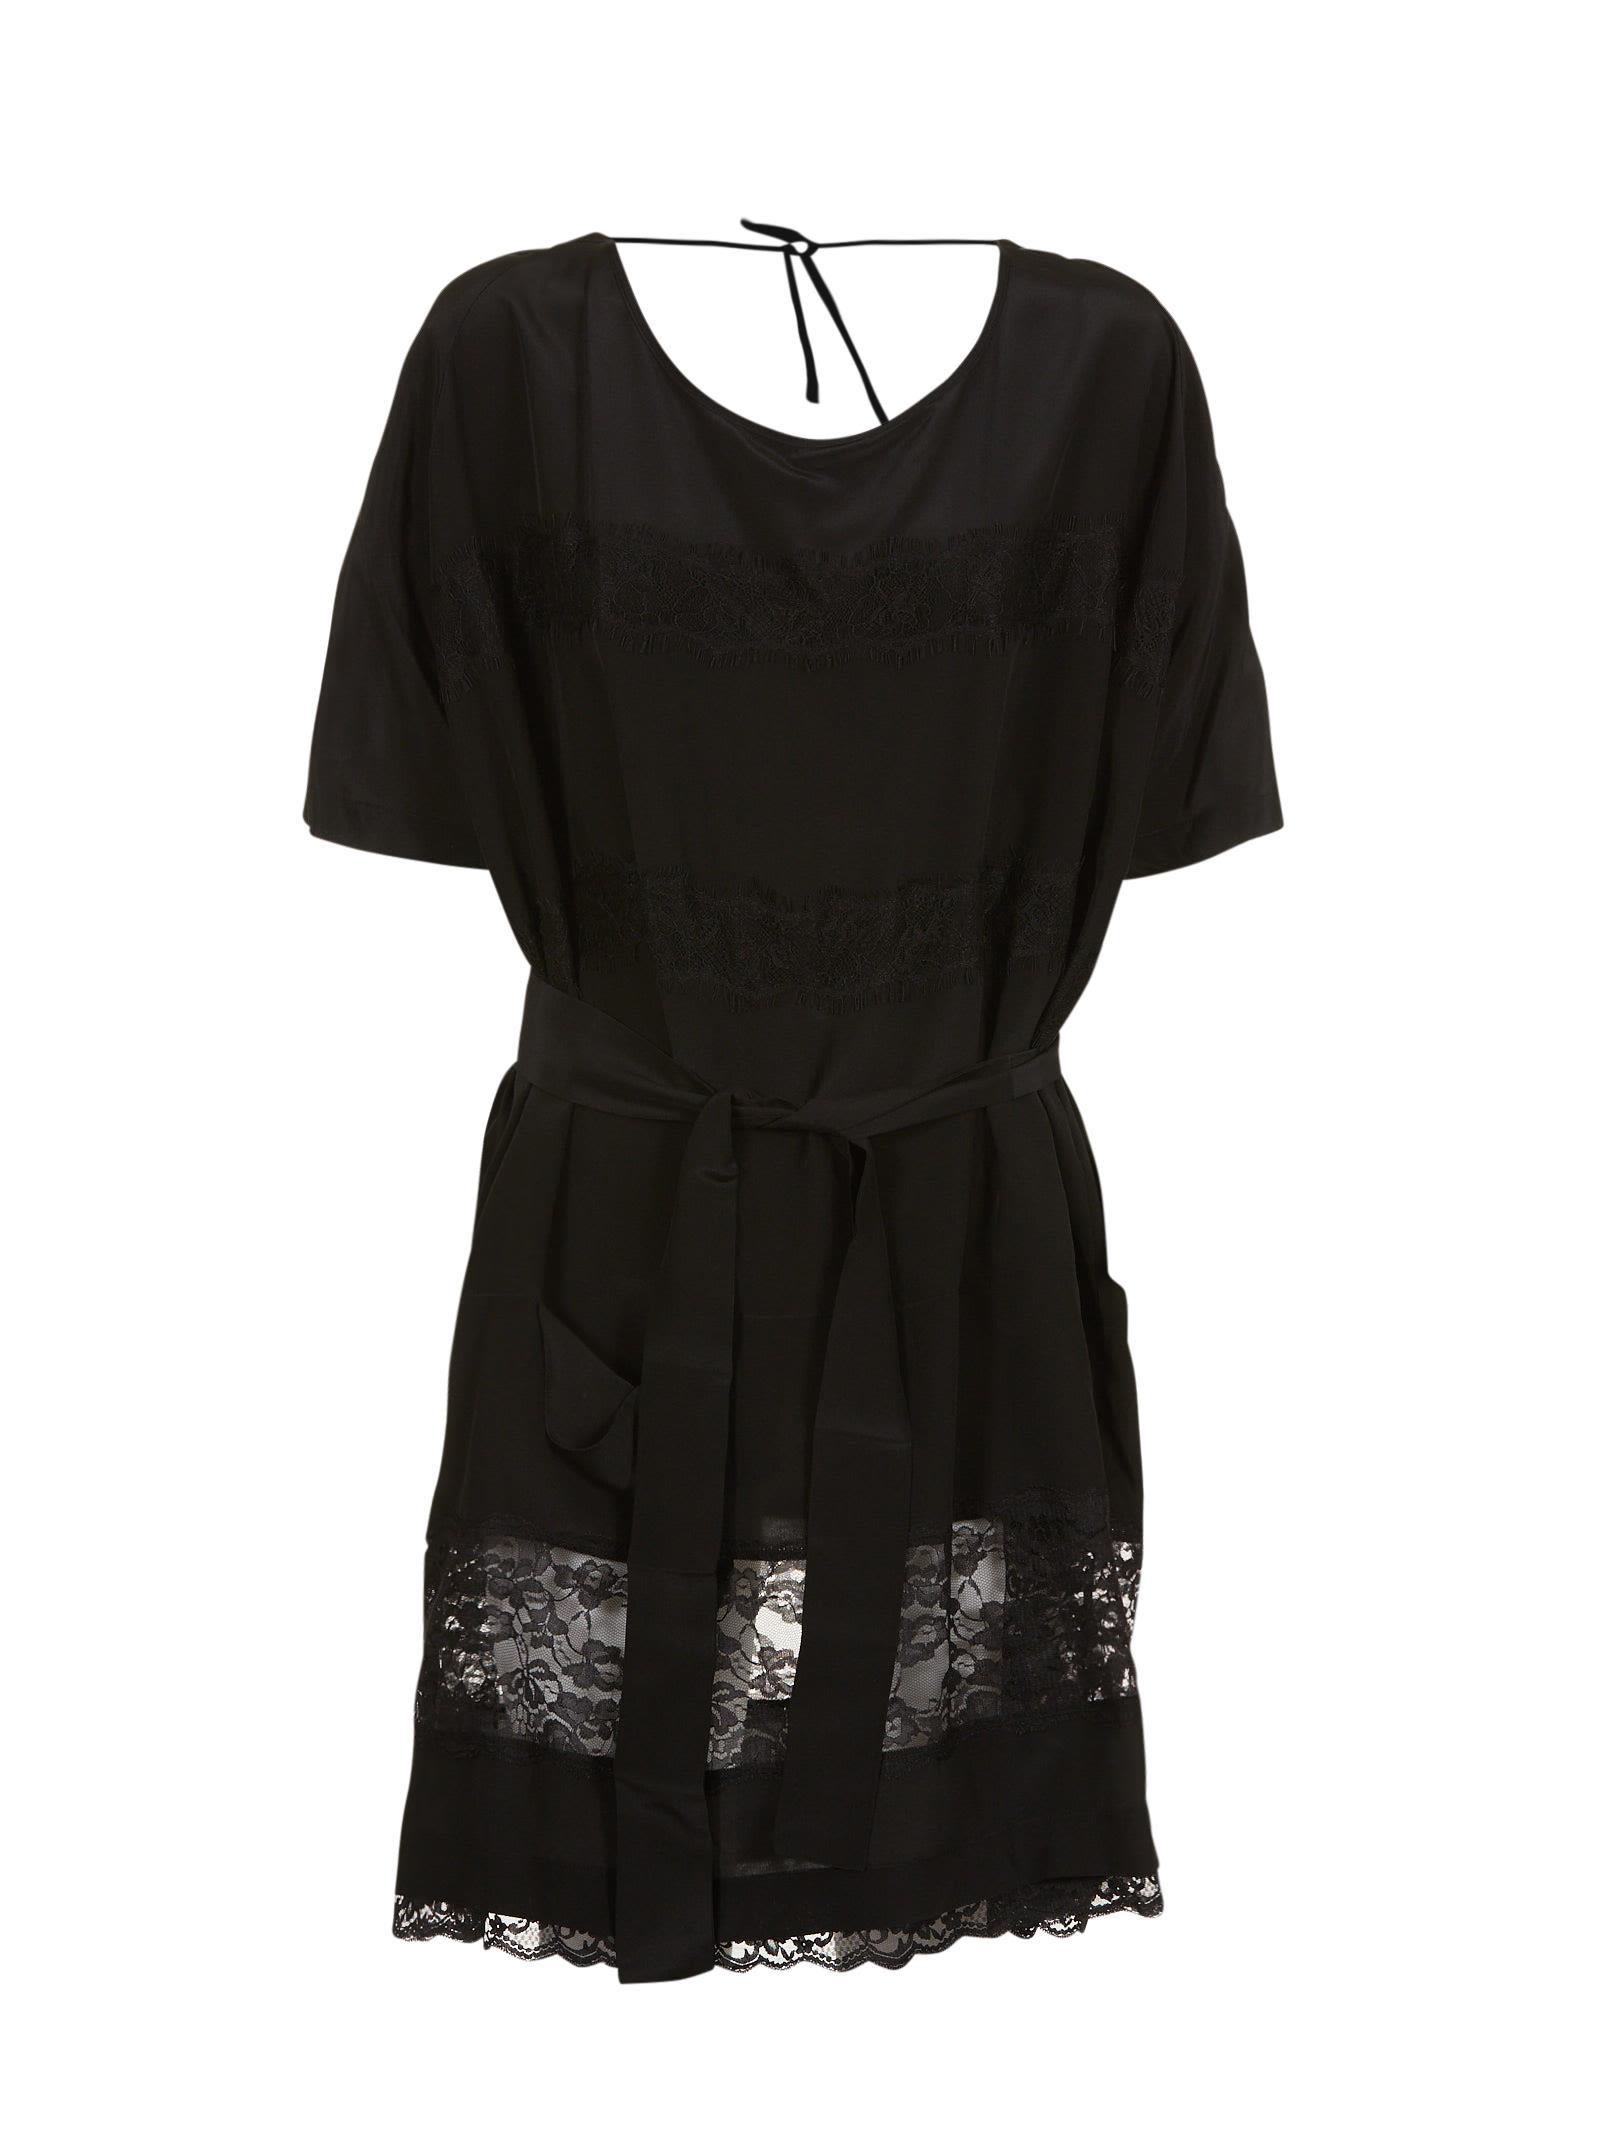 Twinset Tunic Dress